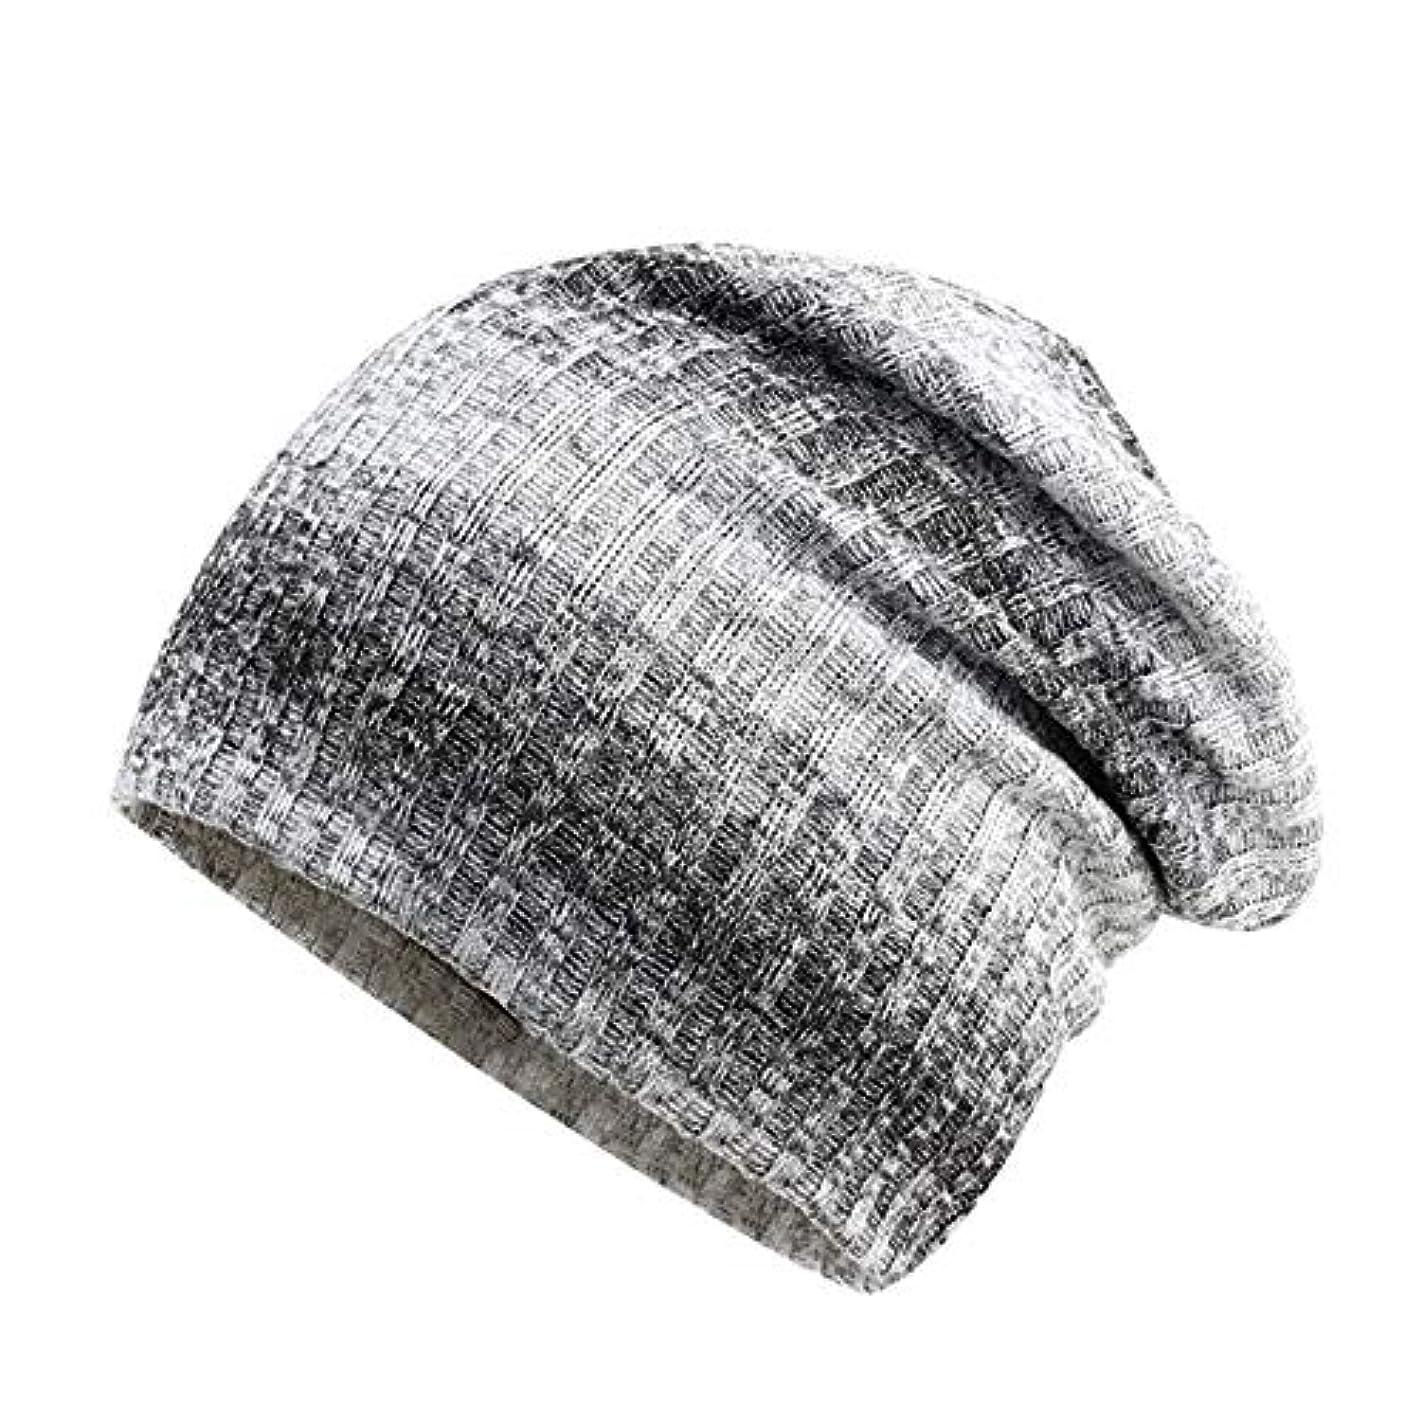 傾いたつぶやき帽子ニット帽 ビーニー 薄手/厚手タイプ ワッチキャップ オールシーズン ユニセックス 自転車 バイク スキー スポーツ アウトドア